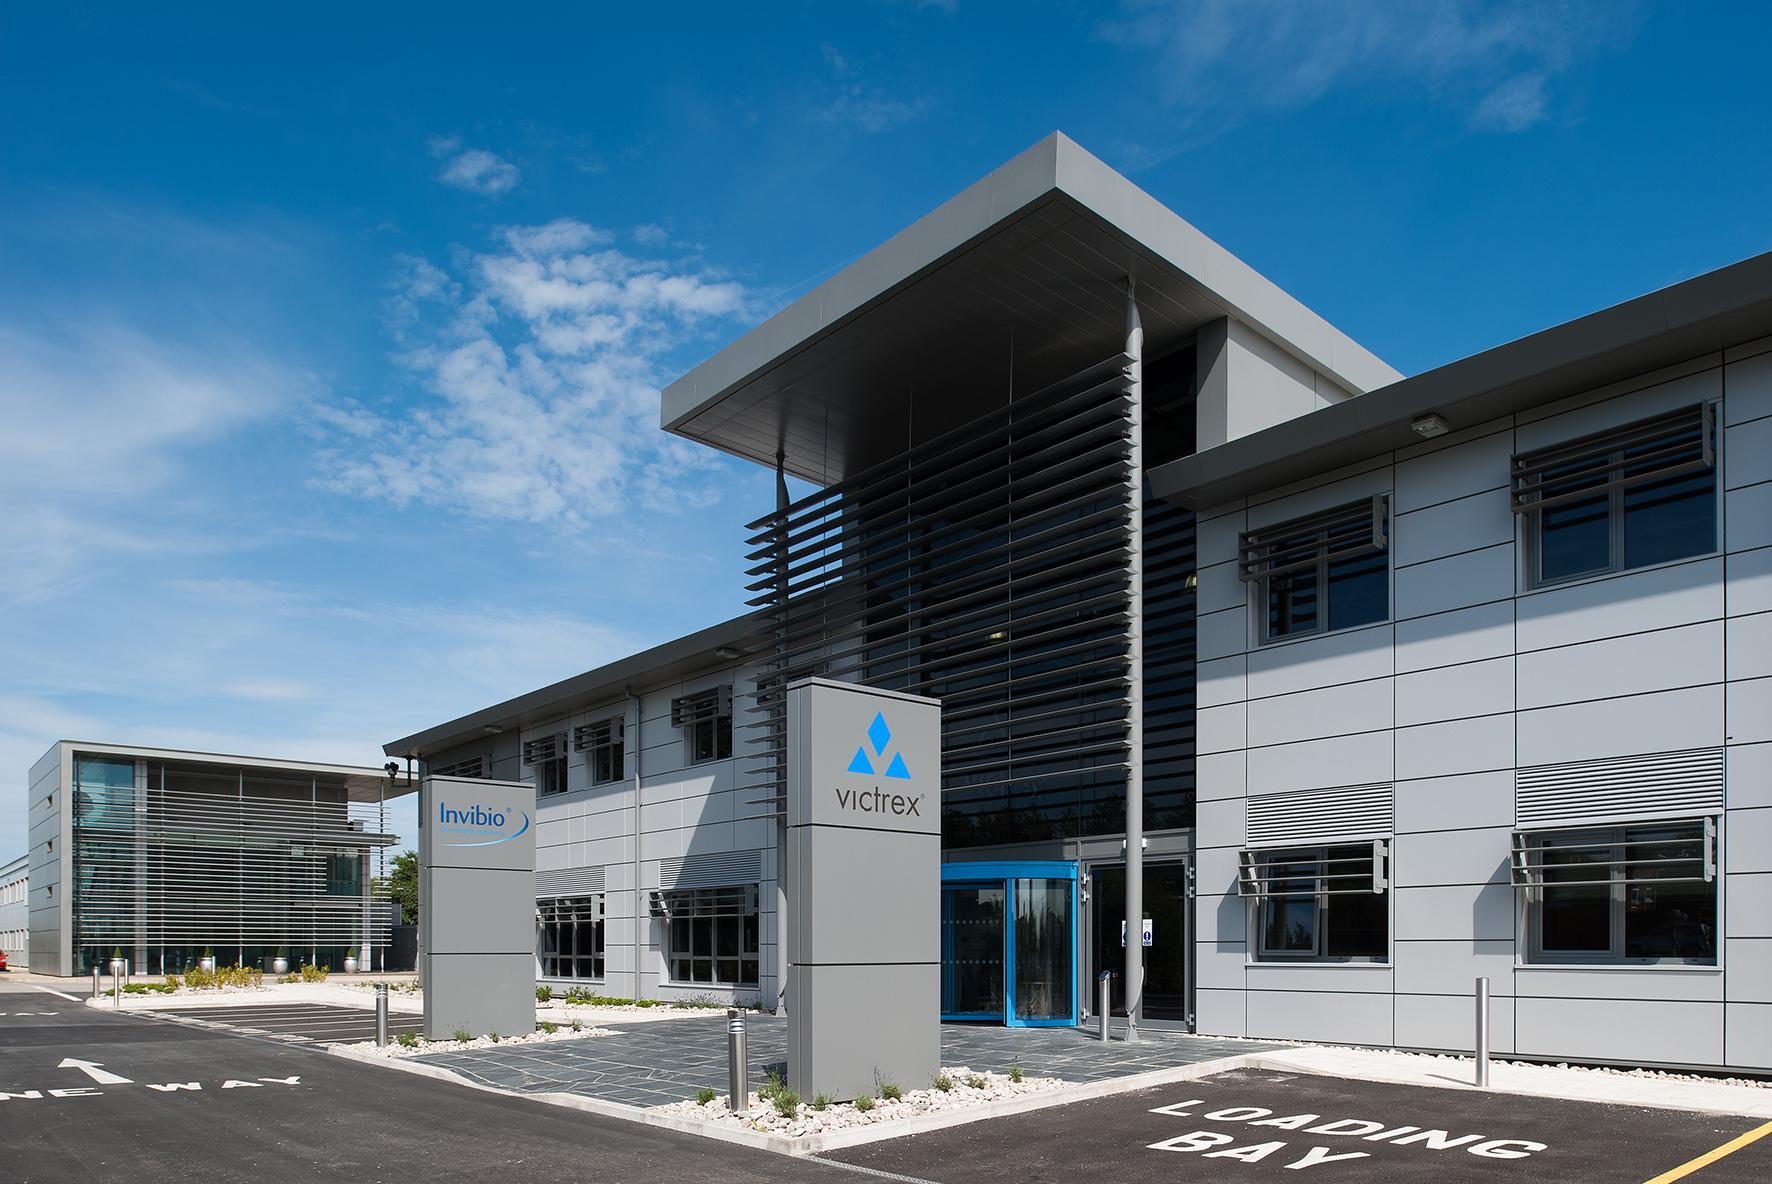 ビクトレックスがPEEKファイバー製造のZyexを1000万ポンドで買収